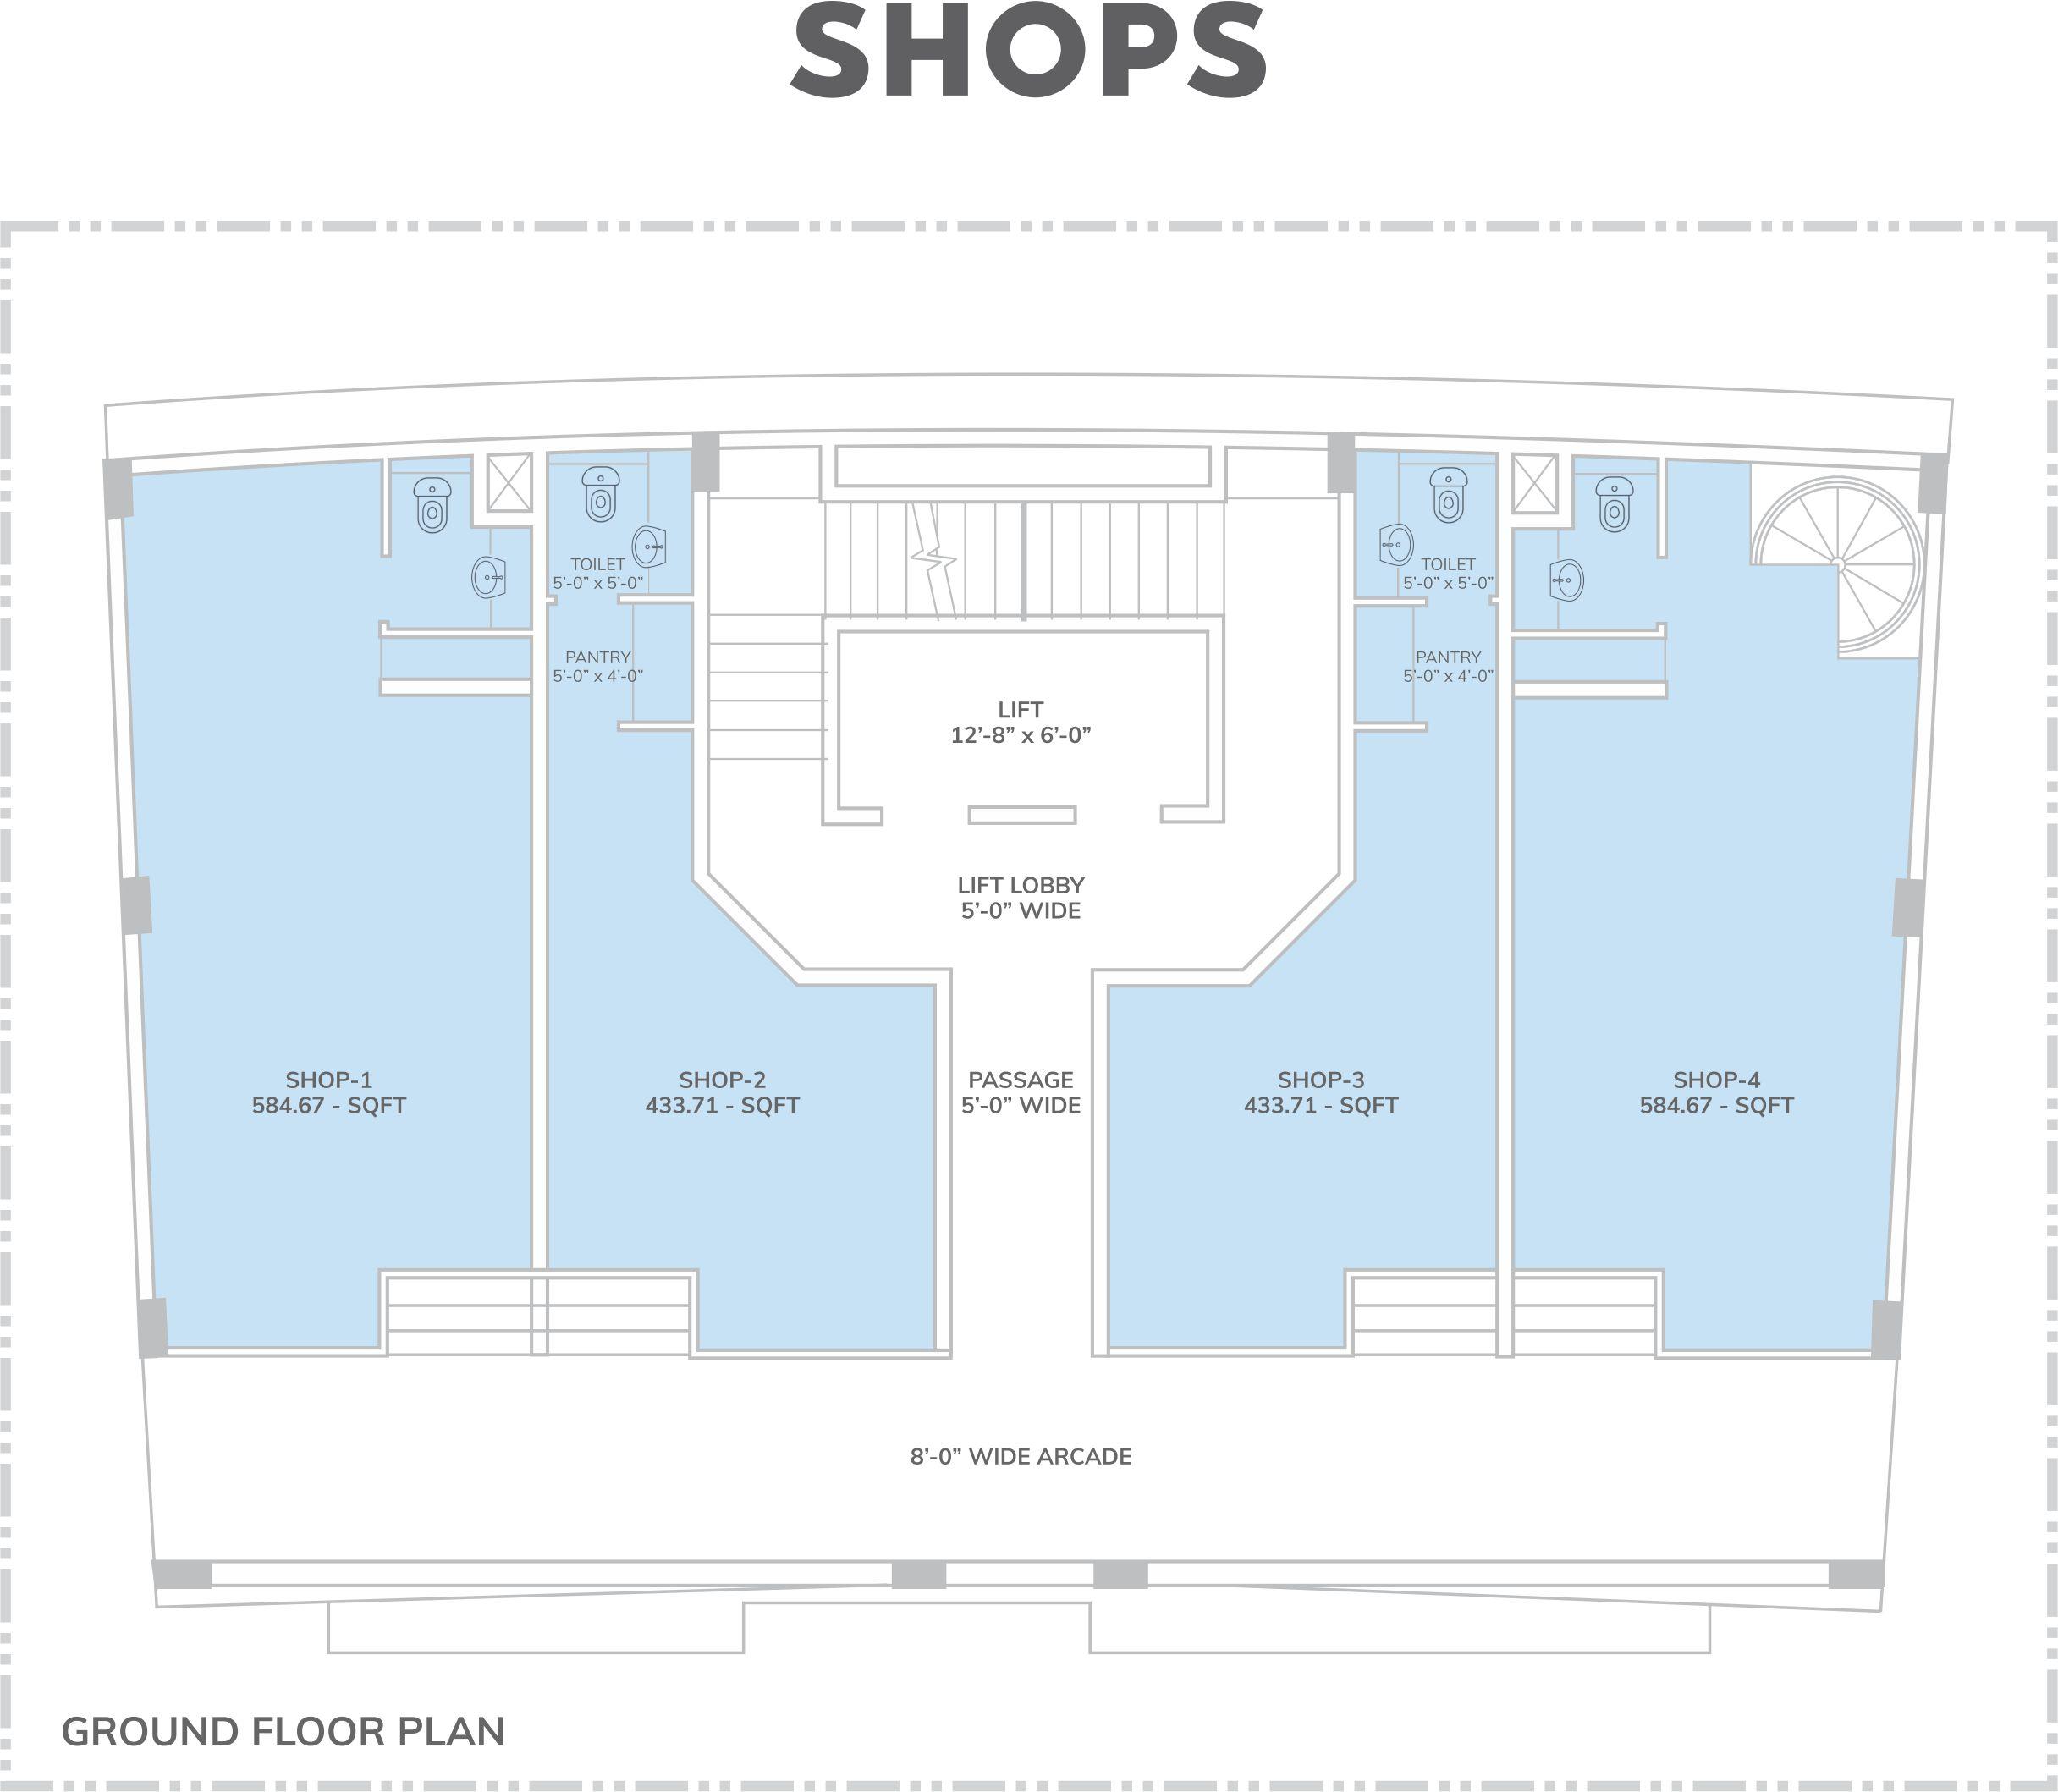 Jakvani Shops